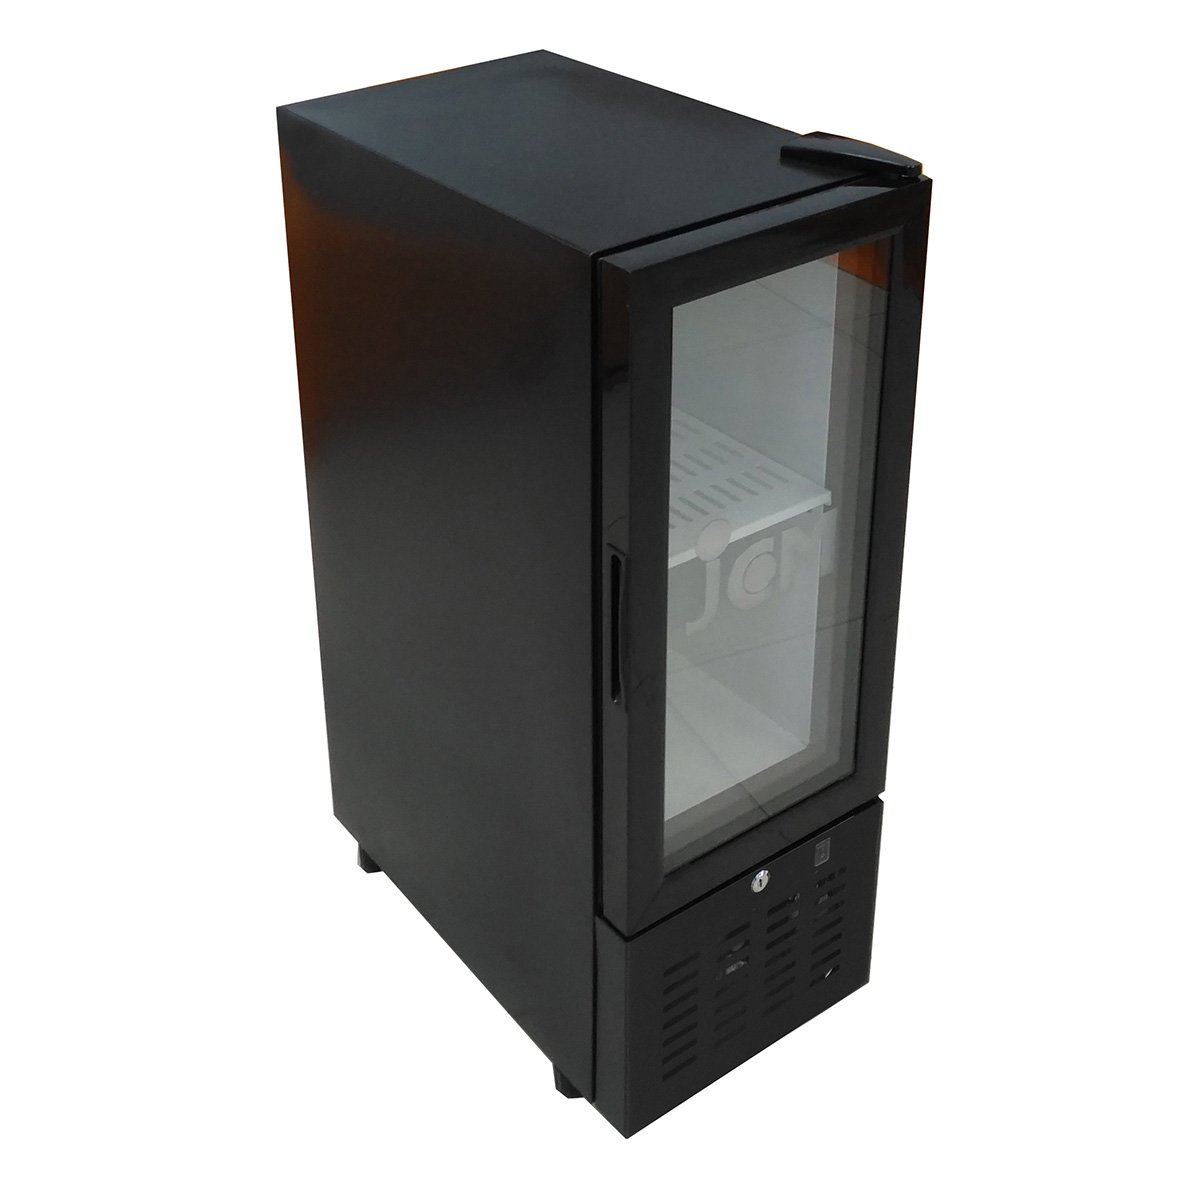 (ジェーシーエム)JCM 卓上型冷蔵ショーケース 47リットル JCMS-47 幅300×奥行520×高さ893mm B07B932WHP JCMS-47 B07B932WHP, 舘岩村:3c813d99 --- lembahbougenville.com